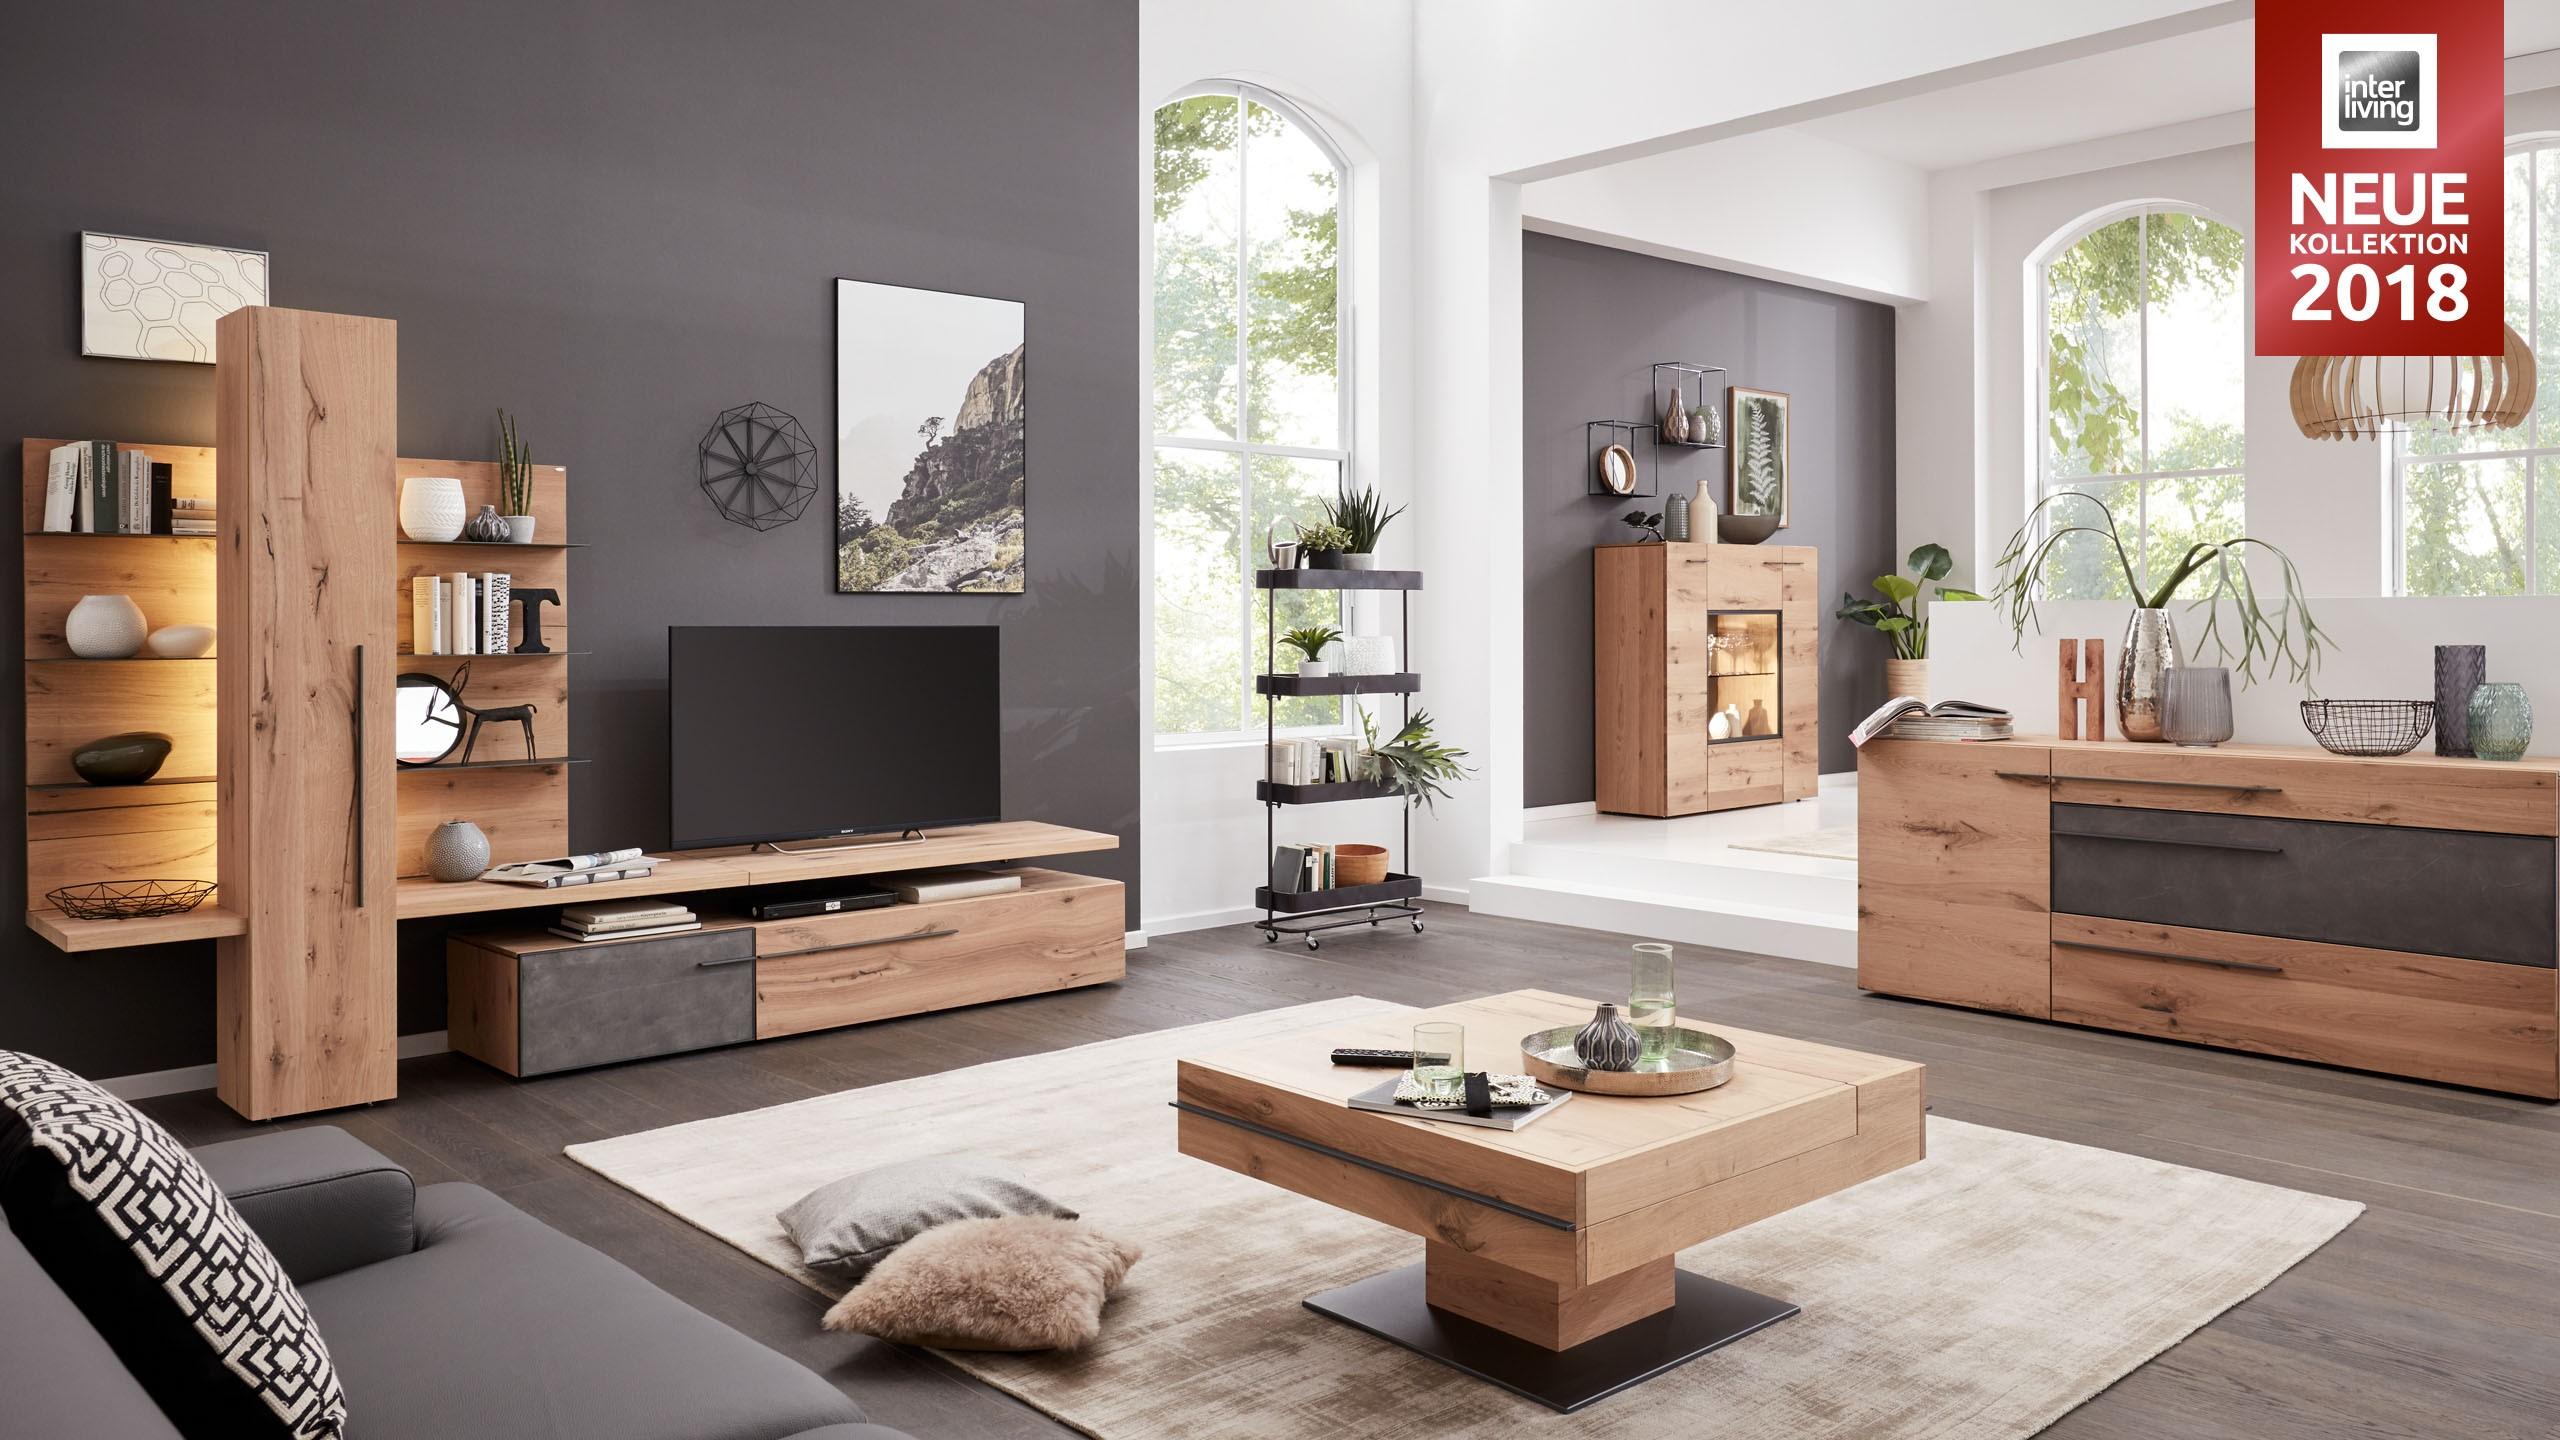 interliving wohnzimmer serie 2004 wohnwand wildeiche m bel fischer. Black Bedroom Furniture Sets. Home Design Ideas